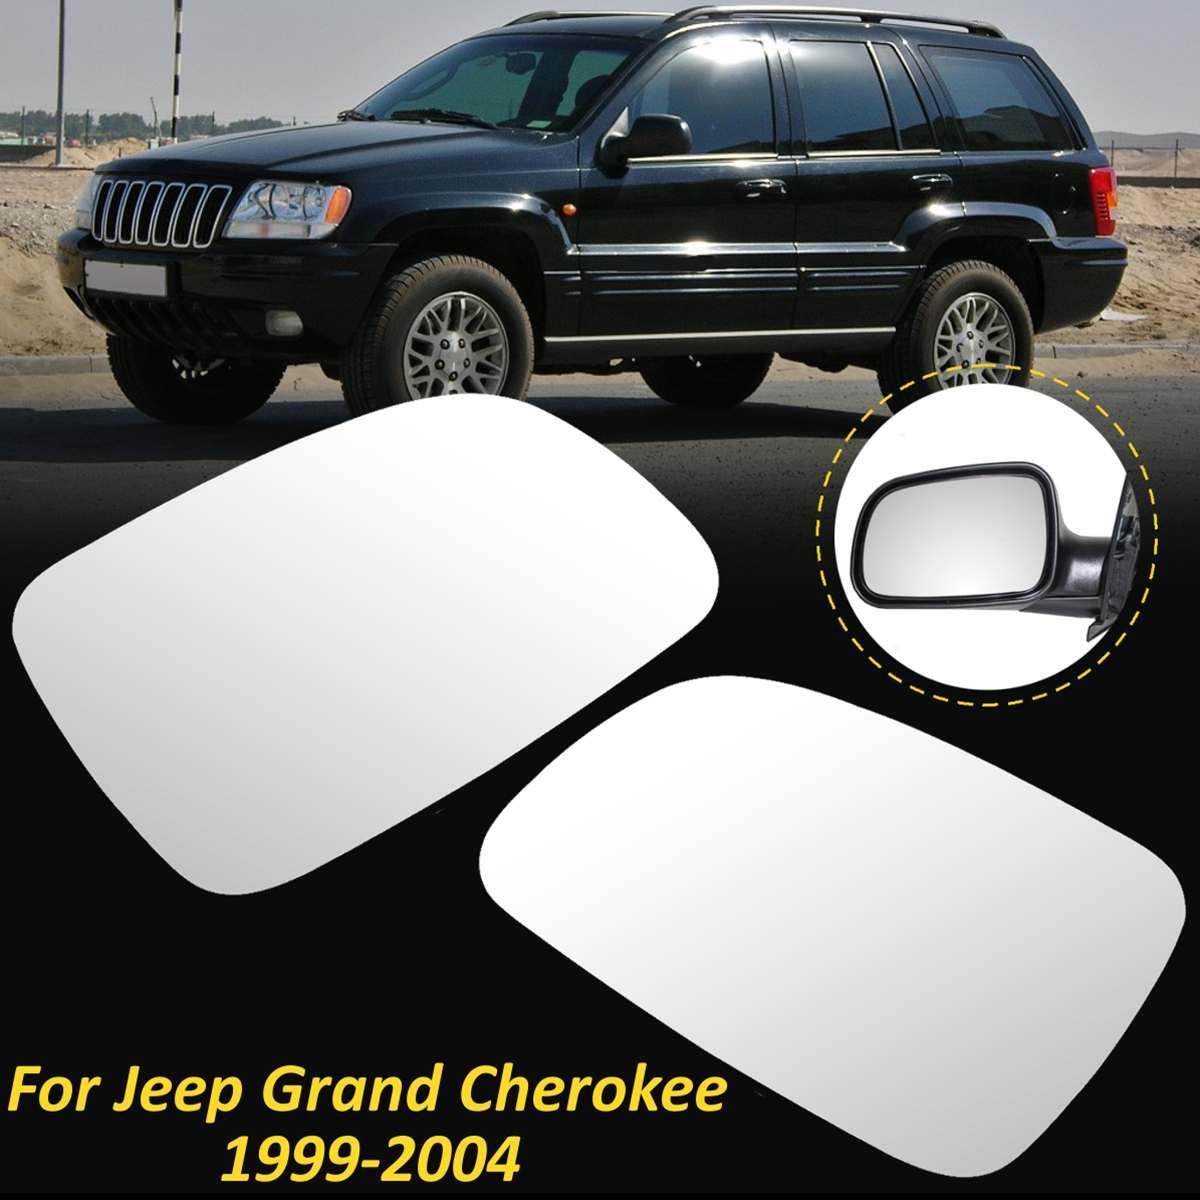 1 para Auto Links Rechts Seite Rück Flügel Spiegel Glas Objektiv + Beheizten Objektiv Für Jeep Grand Cherokee 1999 2000 2001 2002 2003 2004